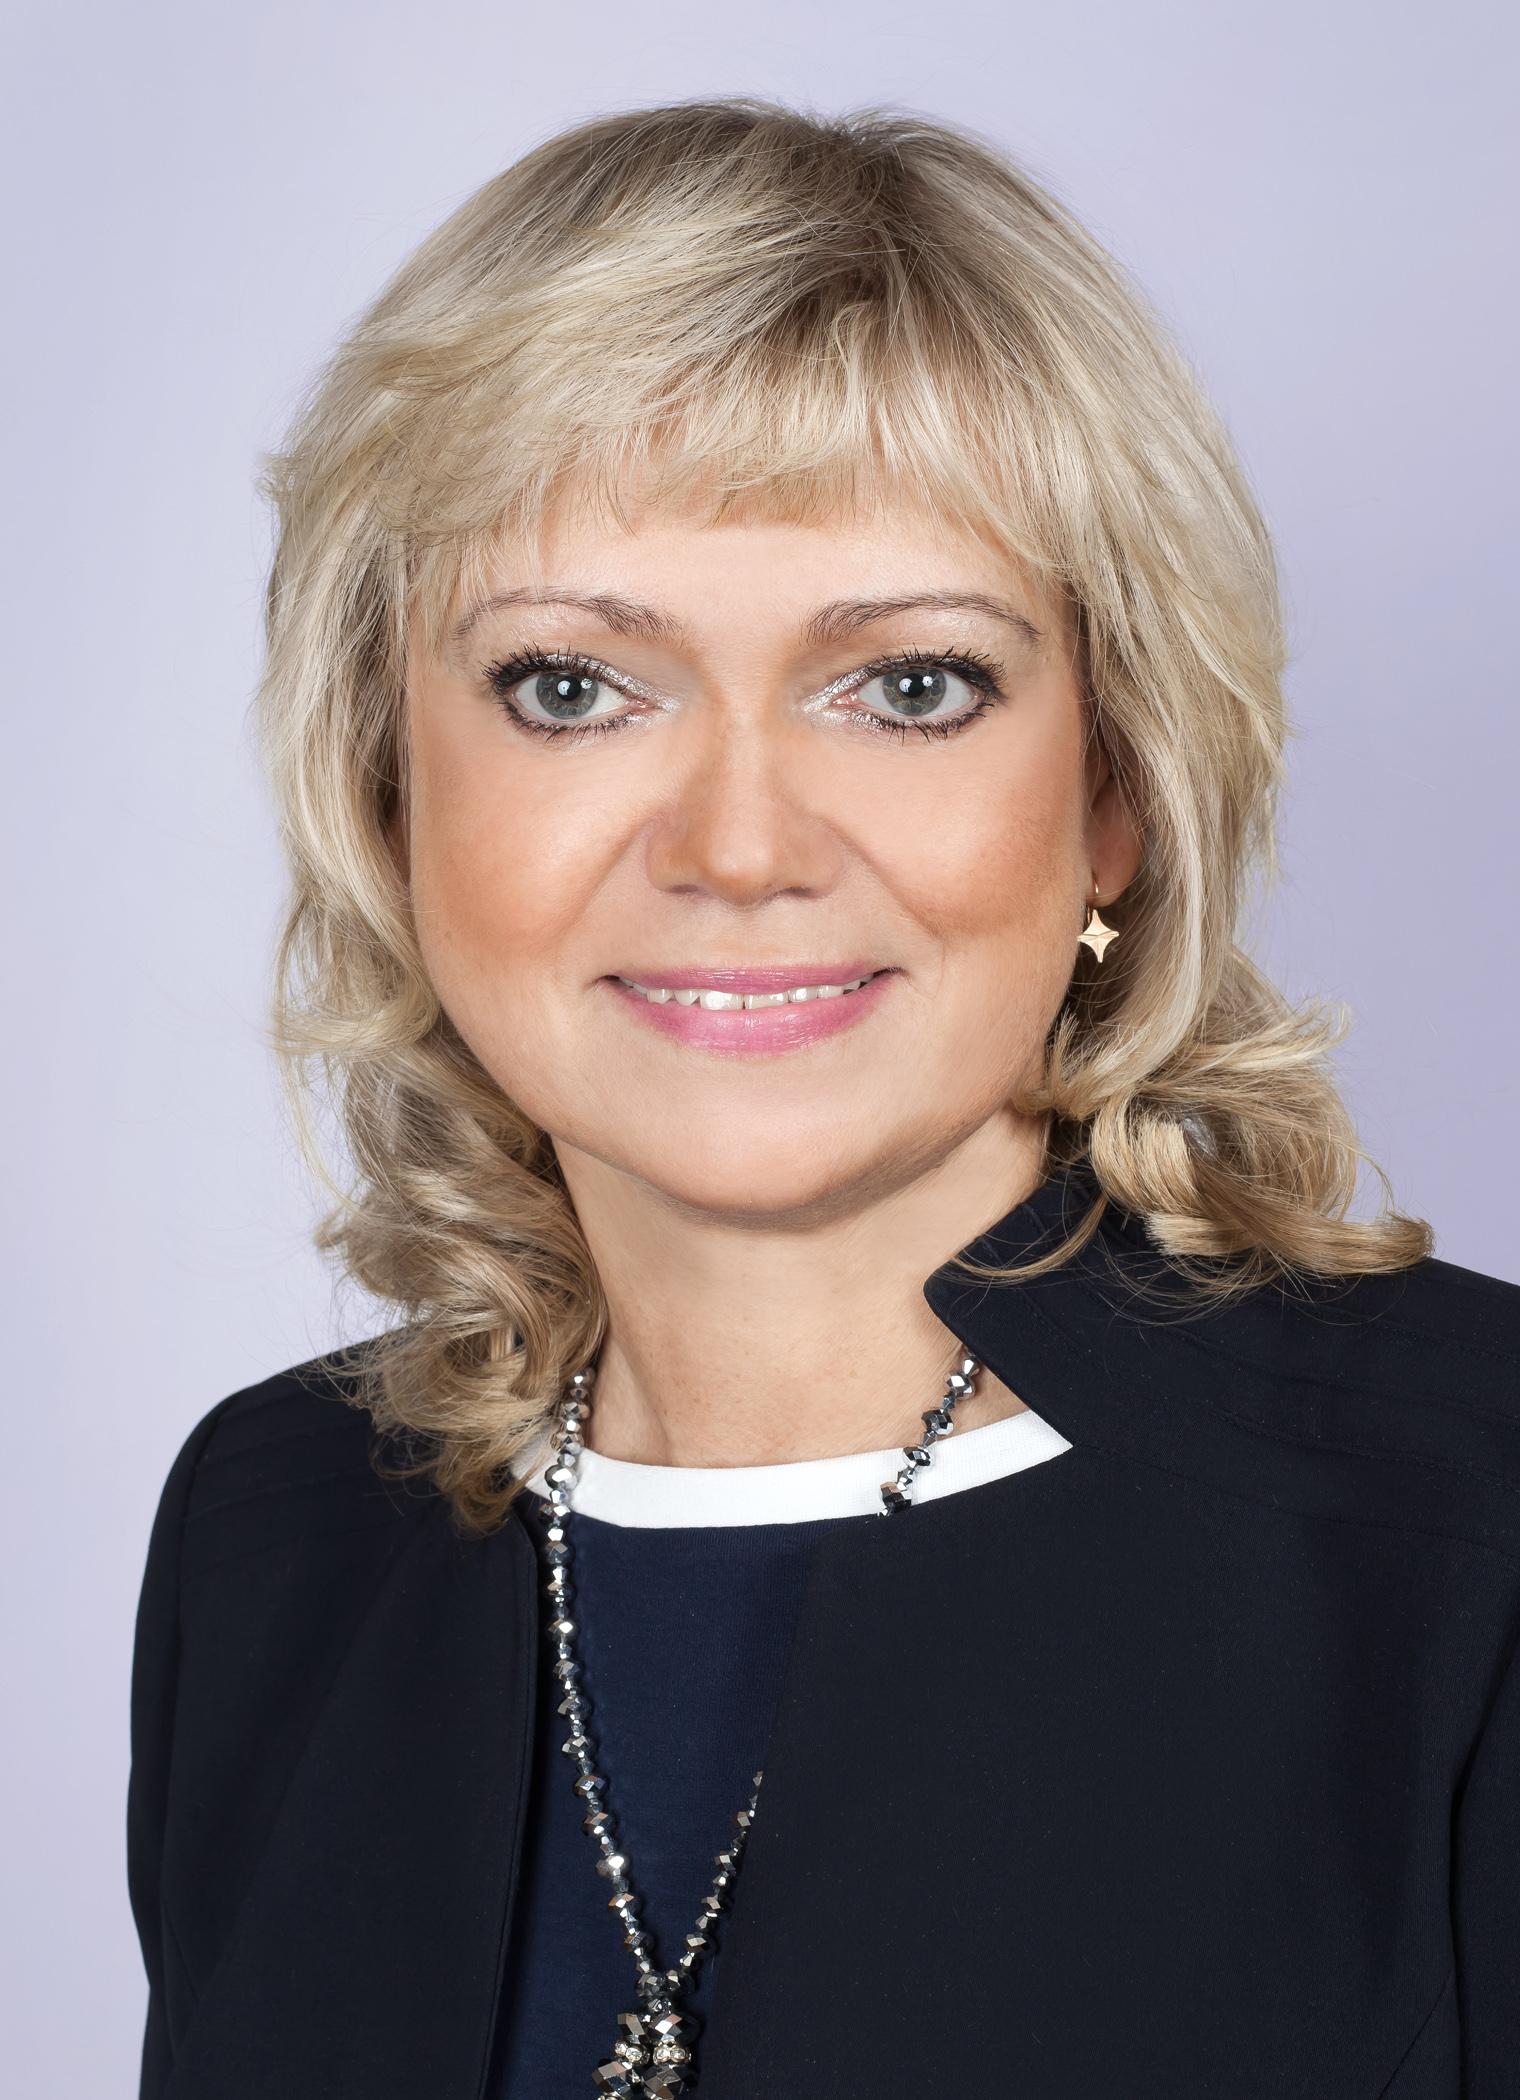 григорьева елена юрьевна диетолог отзывы